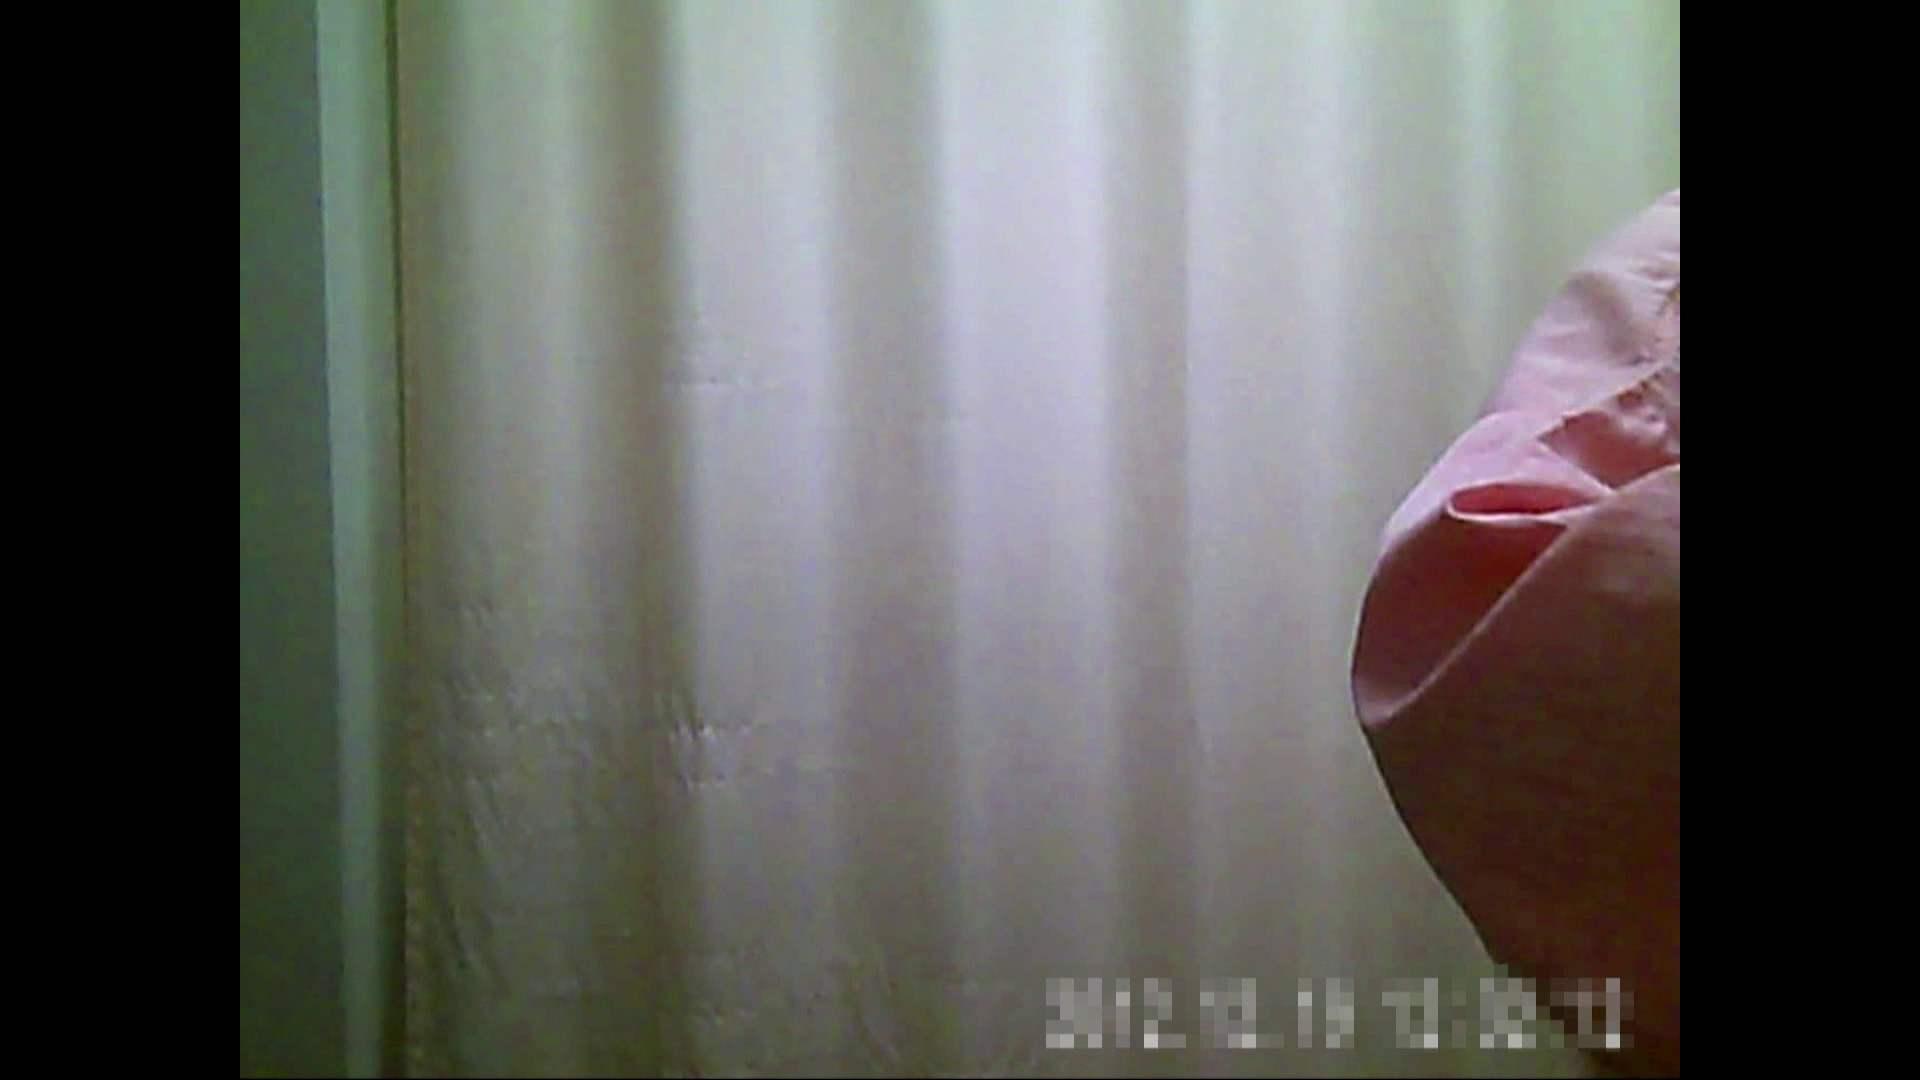 病院おもいっきり着替え! vol.181 貧乳編 オメコ動画キャプチャ 107画像 71